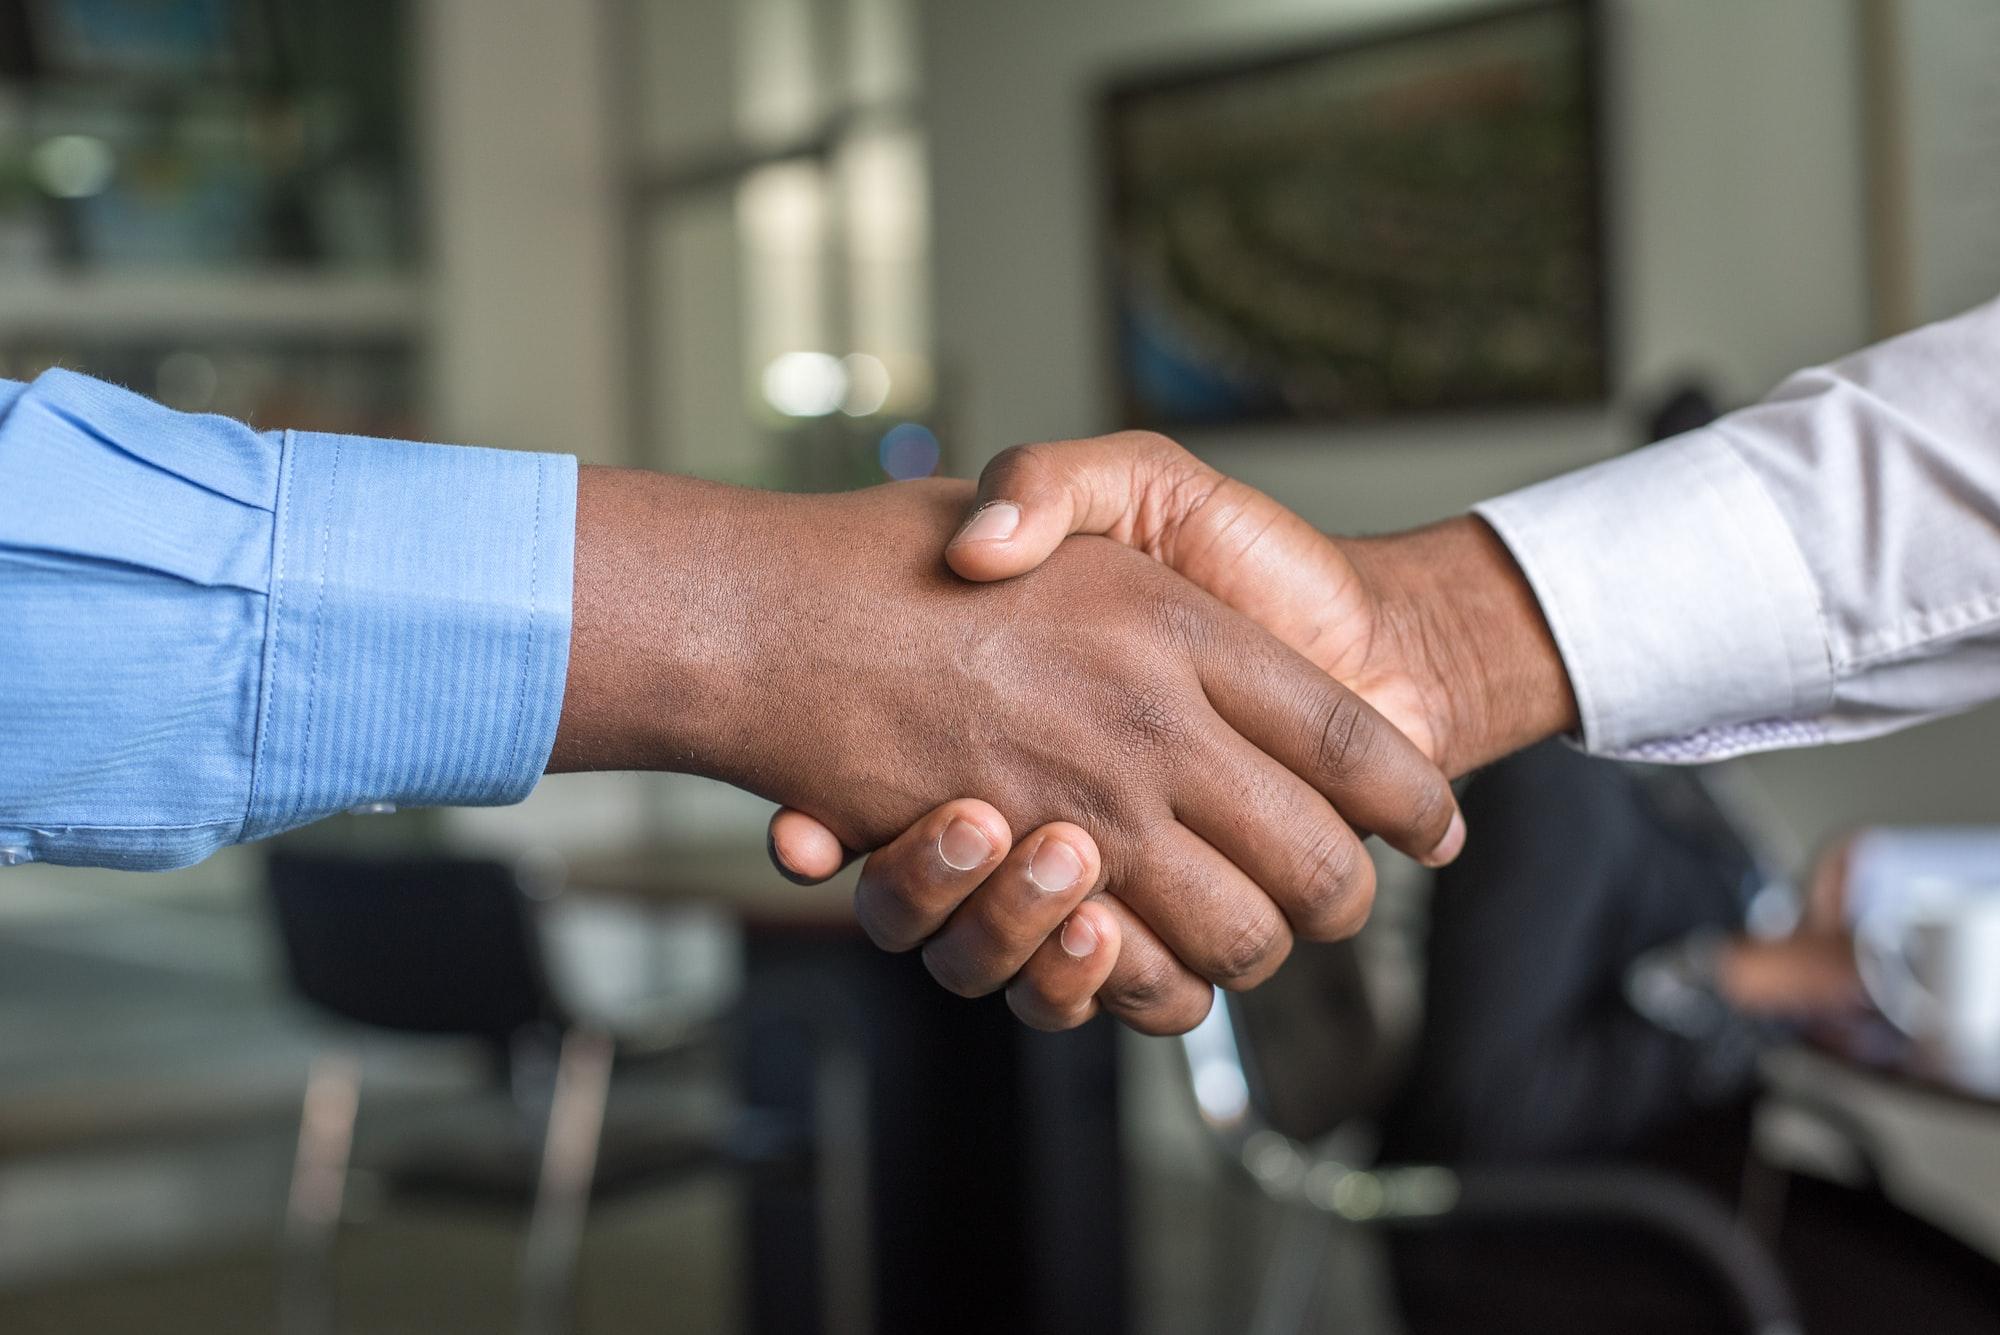 Kinh doanh online không cần vốn với hình thức cộng tác viên